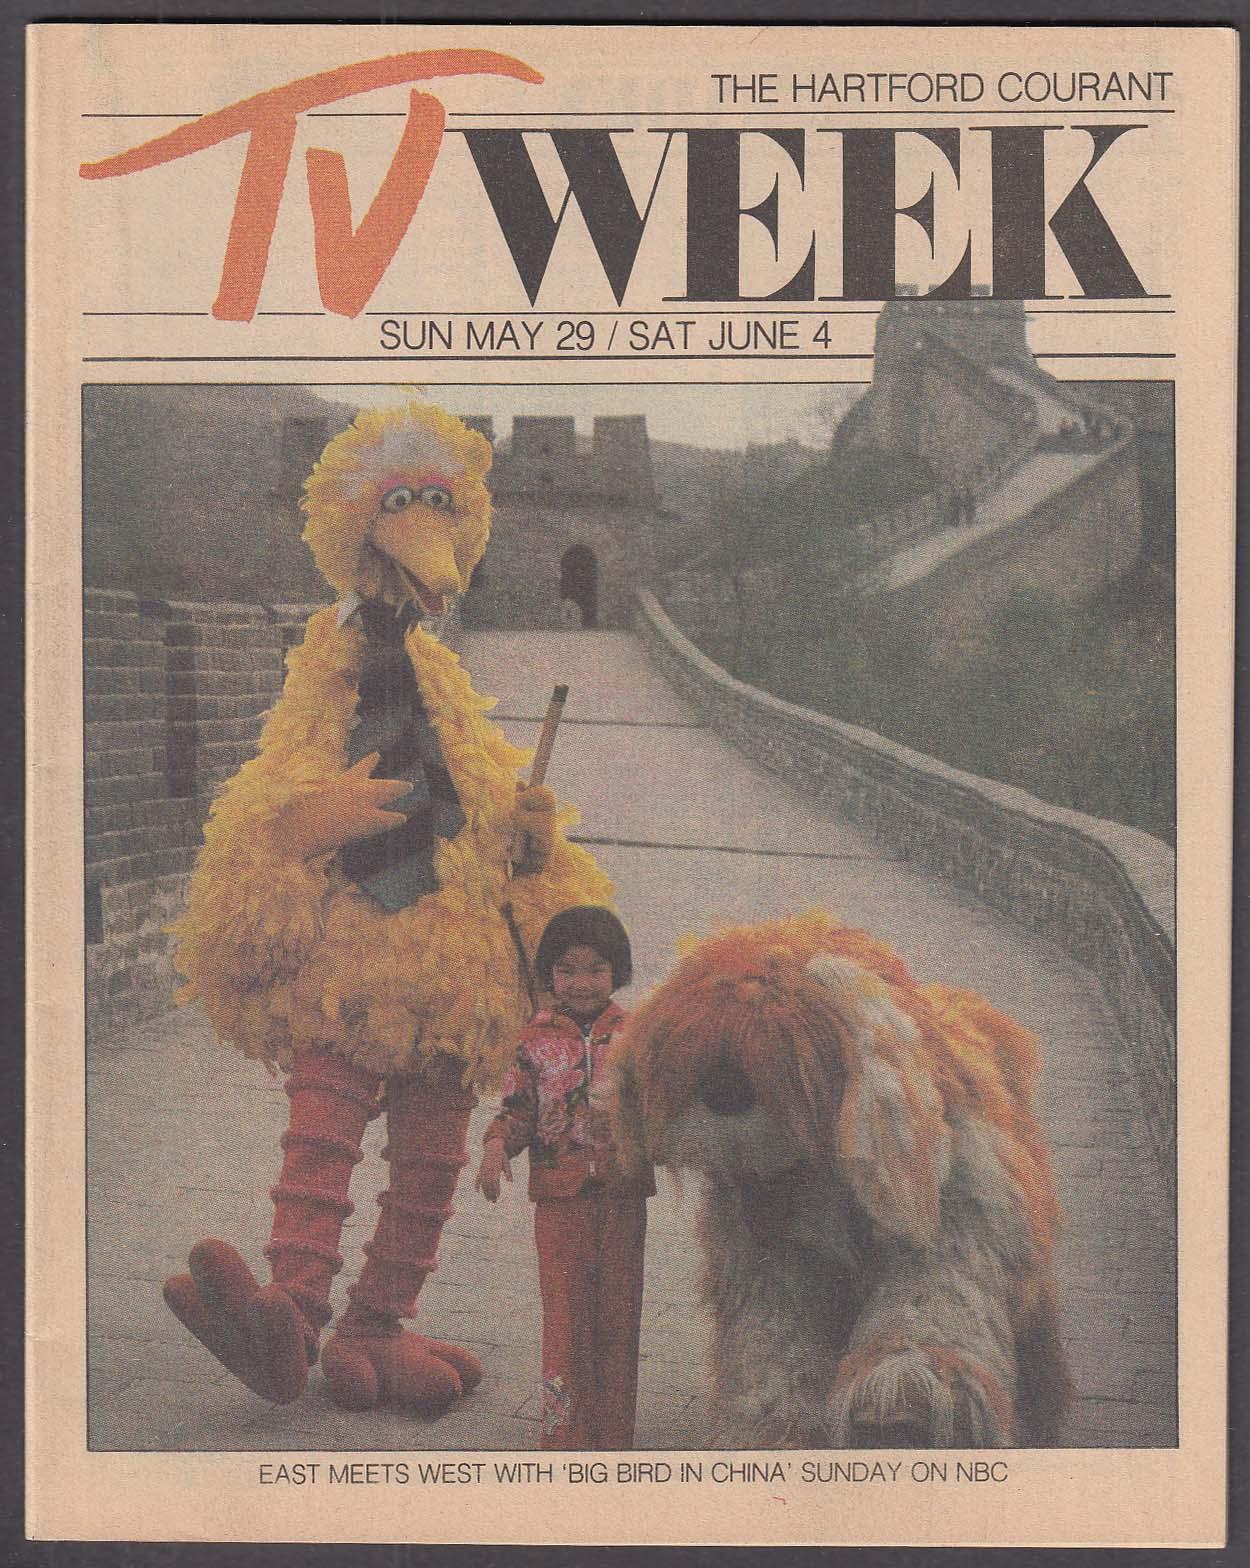 Image for TV WEEK Big Bird Sesame Street Hartford Courant ++ 5/29 1983